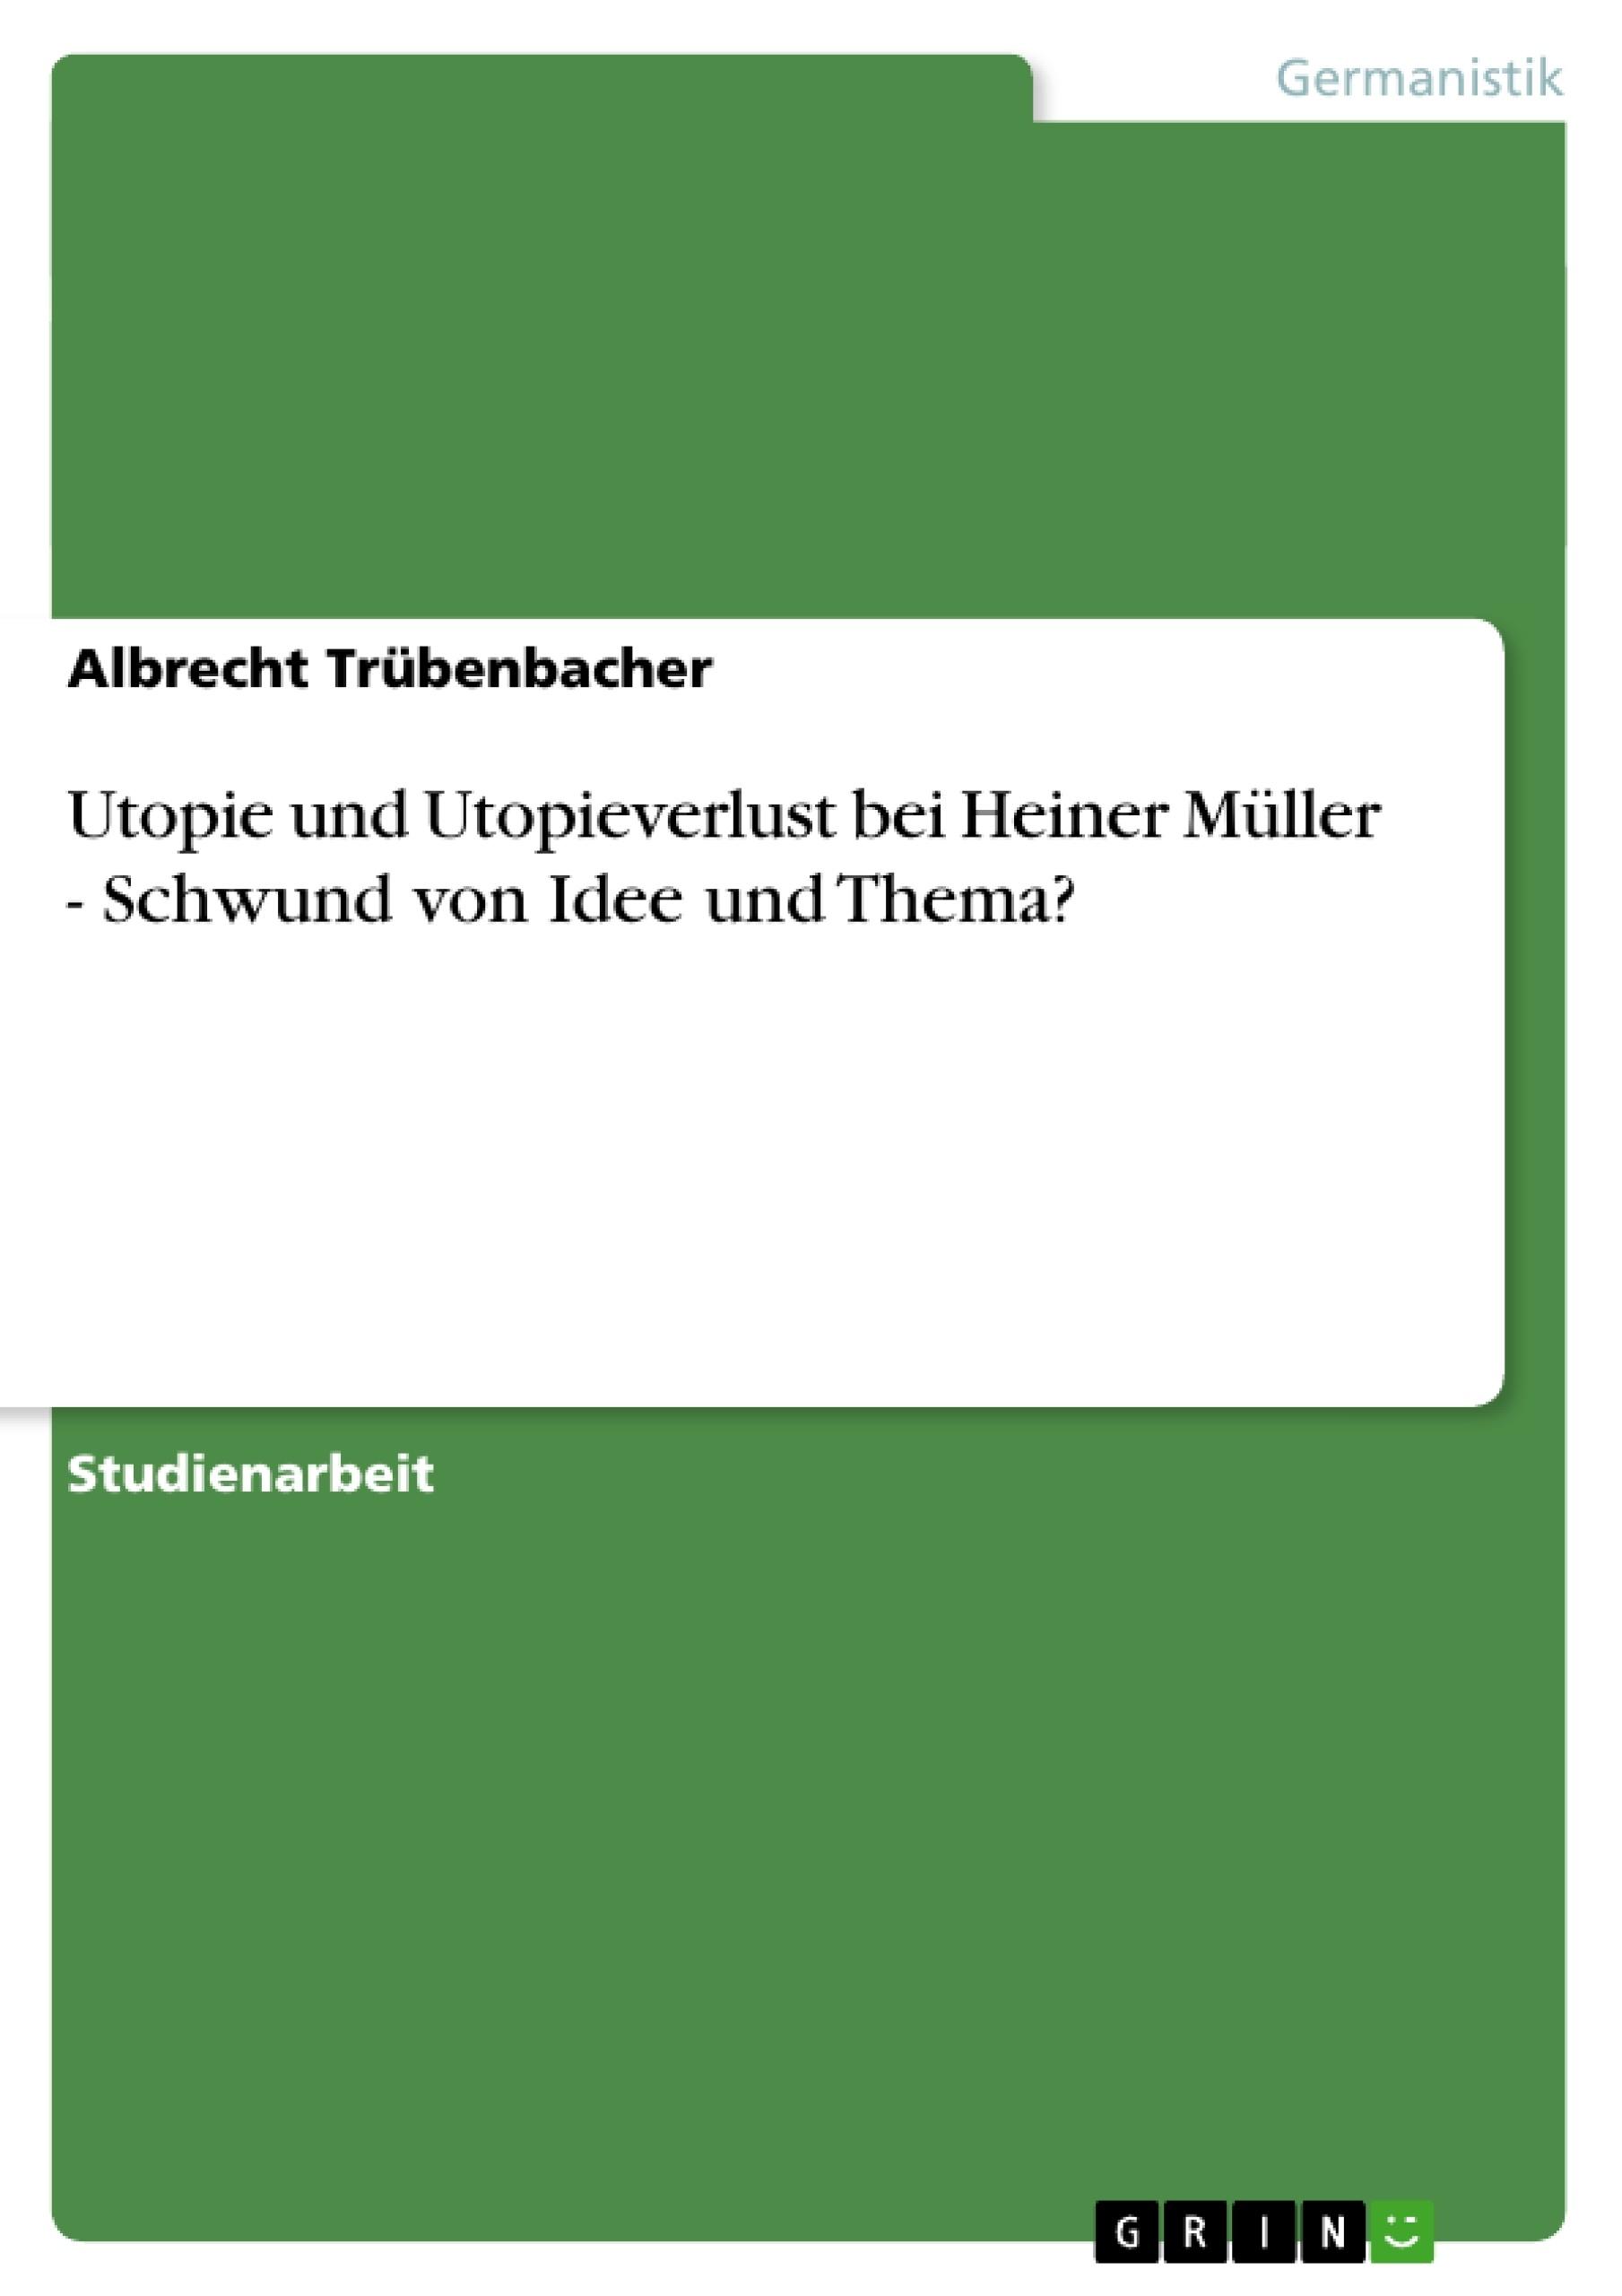 Titel: Utopie und Utopieverlust bei Heiner Müller - Schwund von Idee und Thema?